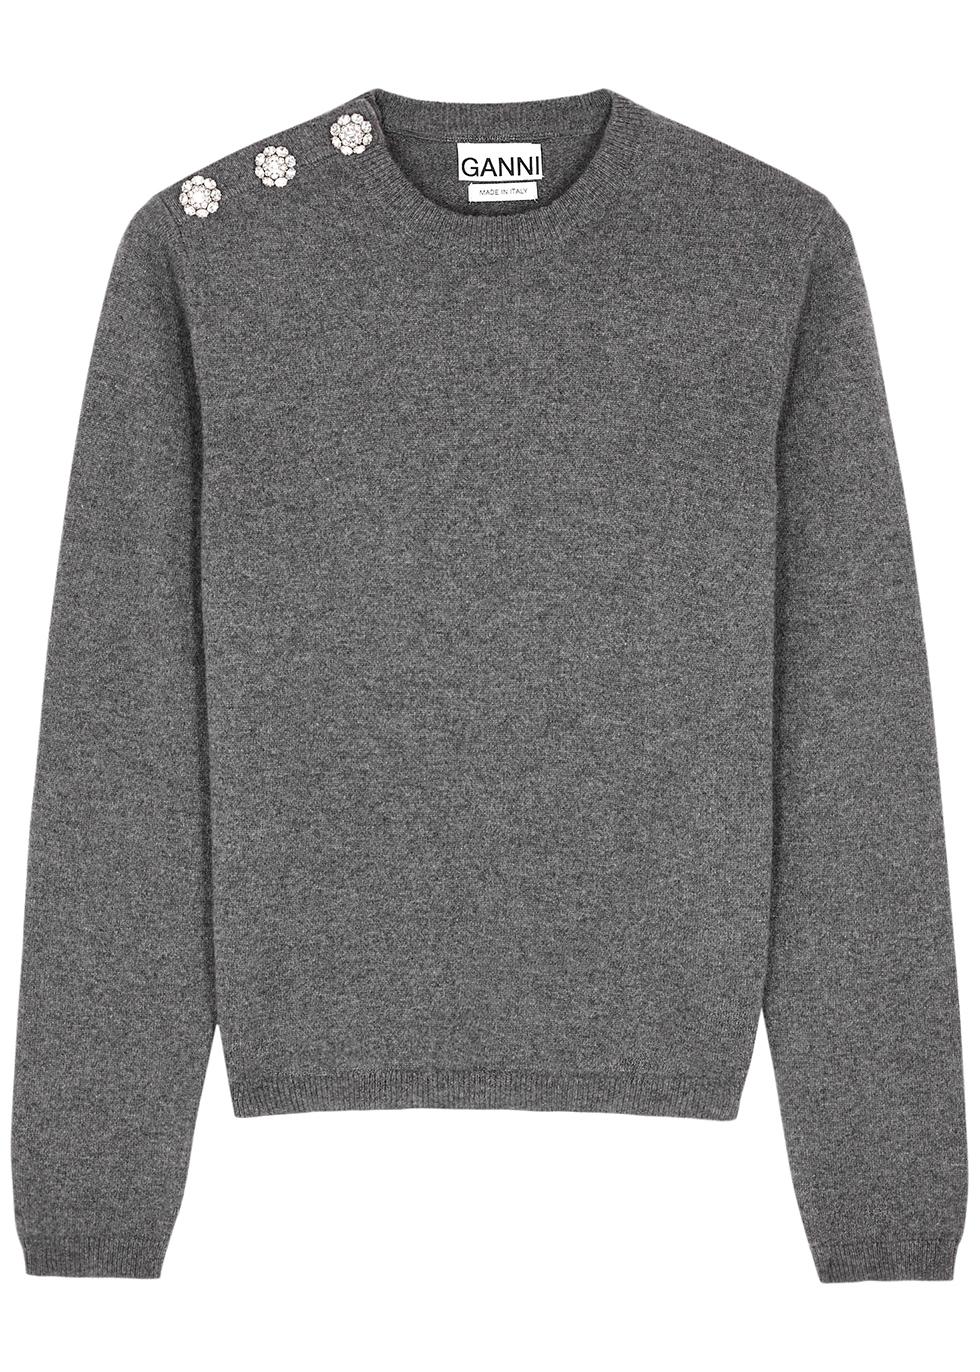 Dark grey embellished cashmere jumper